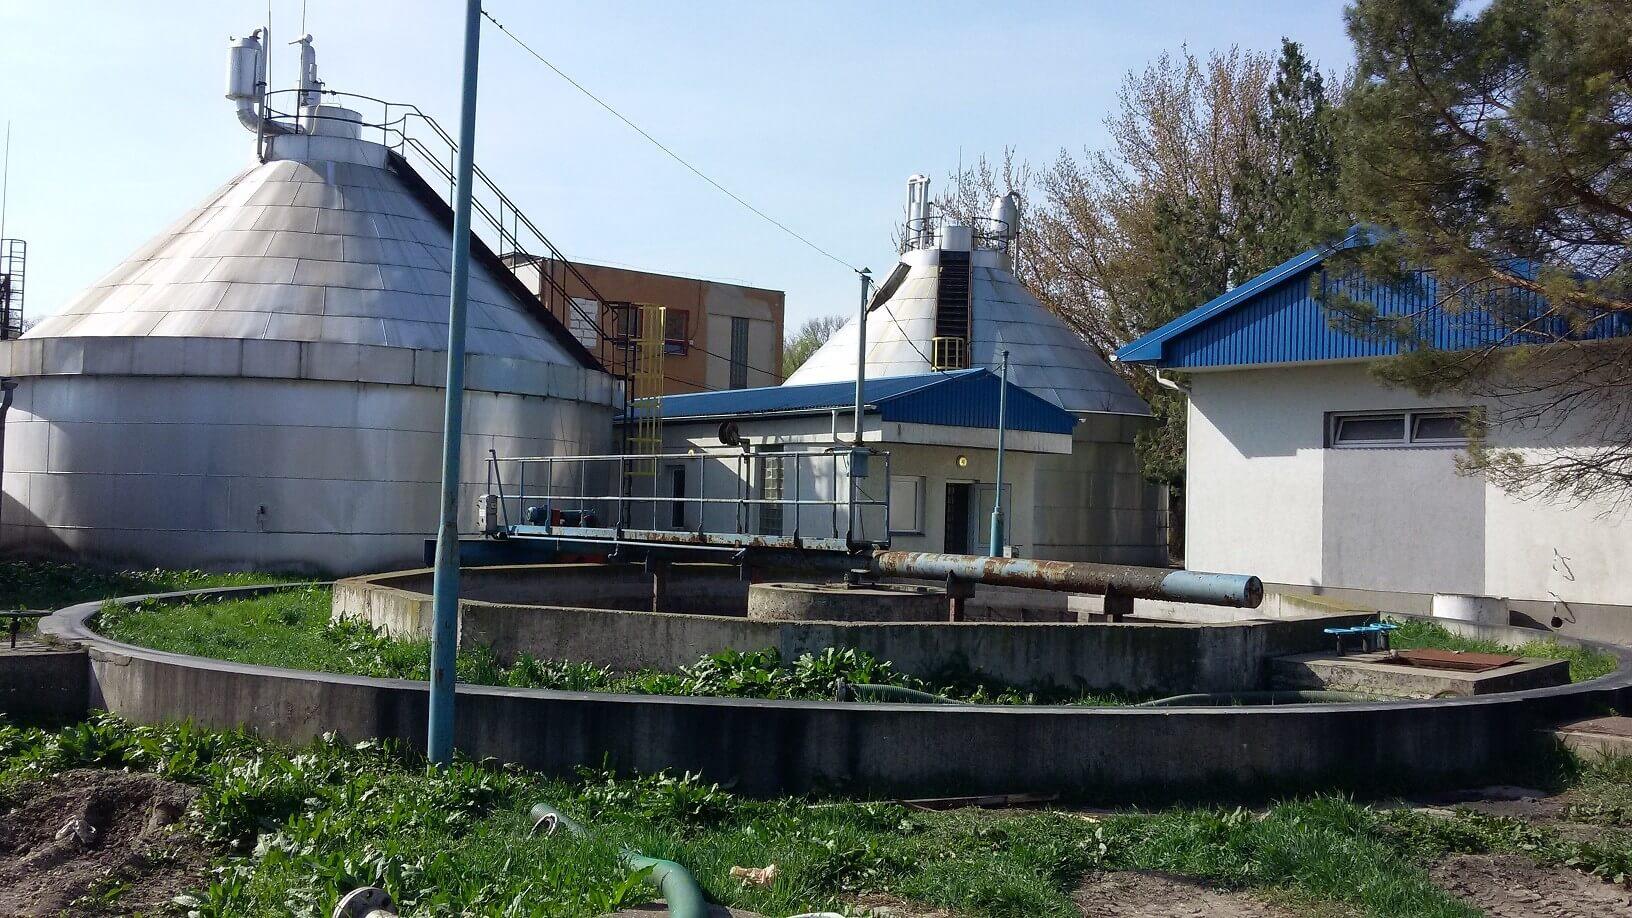 Tetemes fejlesztés indul Szentendre szennyvíztelepén